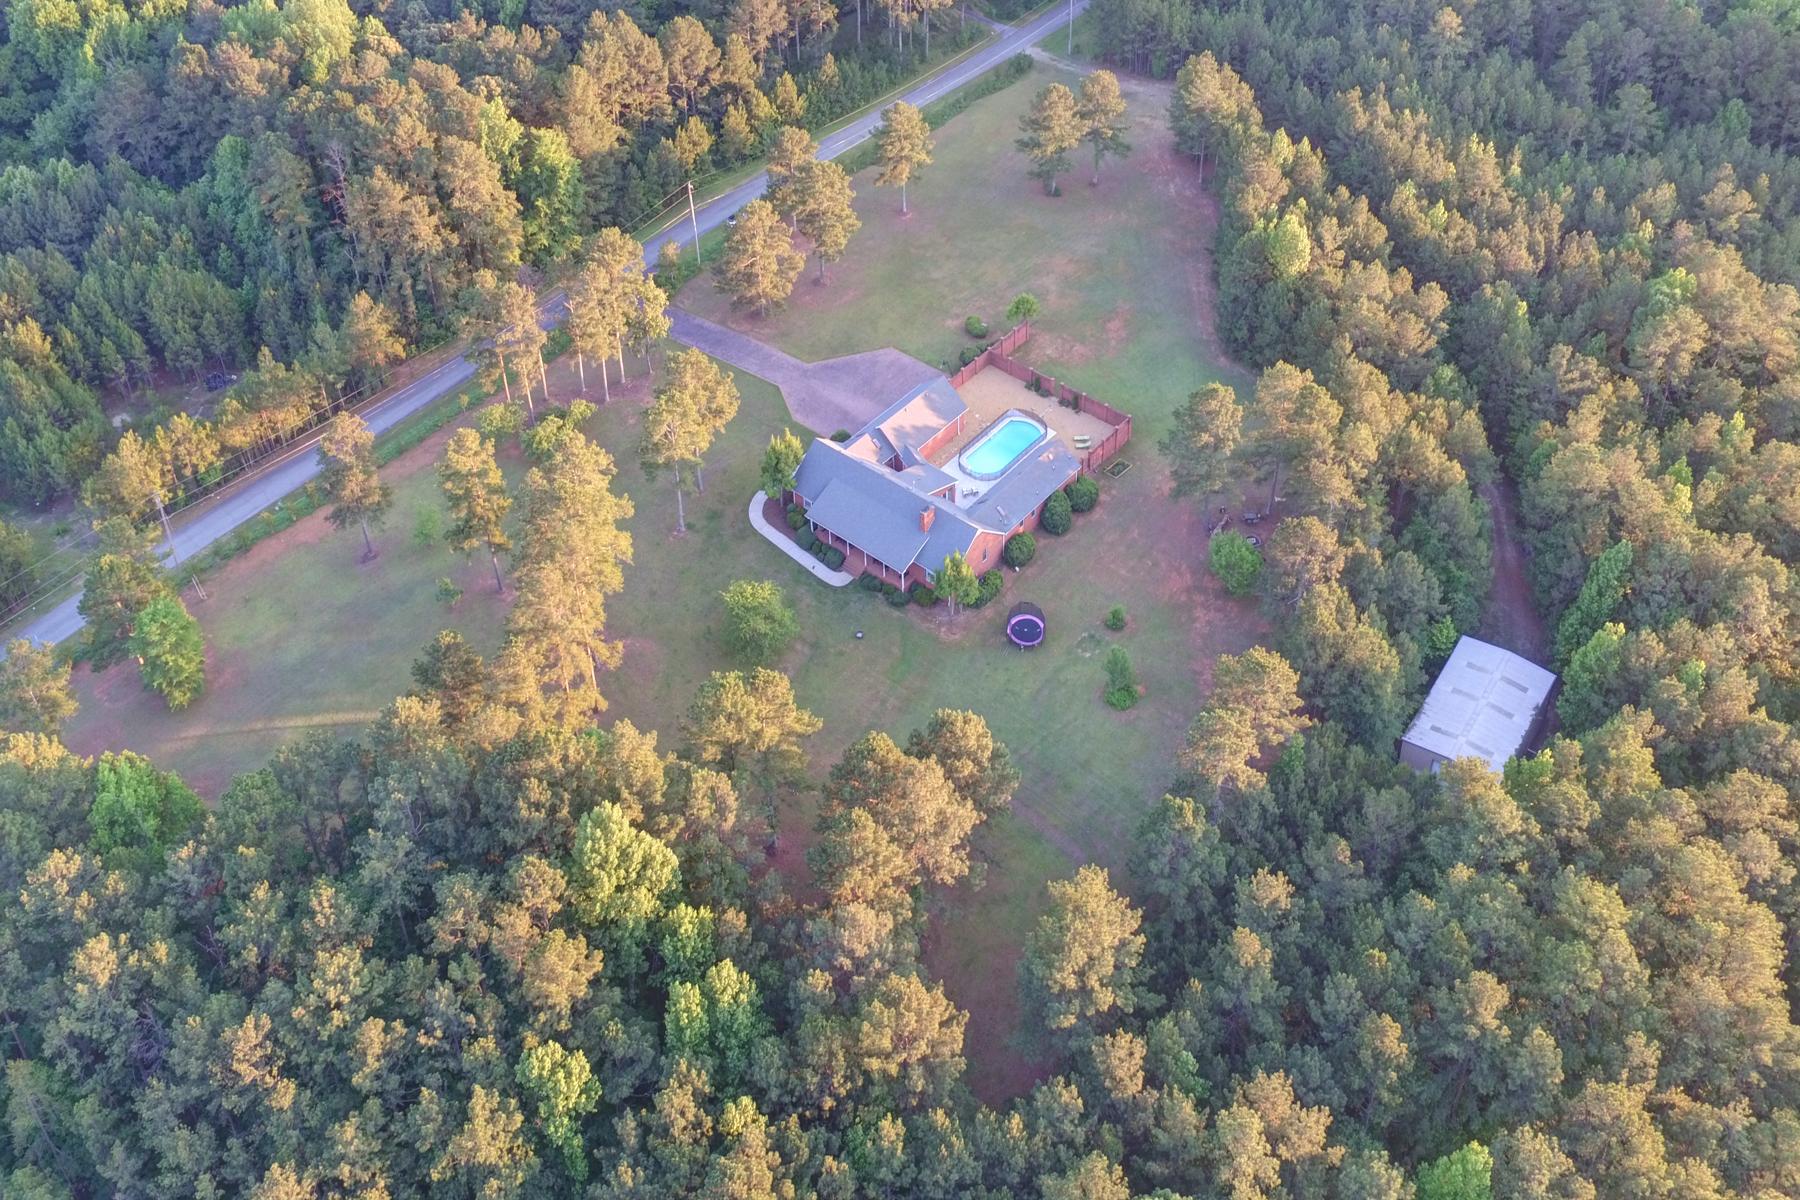 Ferme / Ranch / Plantation pour l Vente à Outstanding Acreage Opportunity 6280 Rutledge Drive NW Acworth, Georgia, 30101 États-Unis